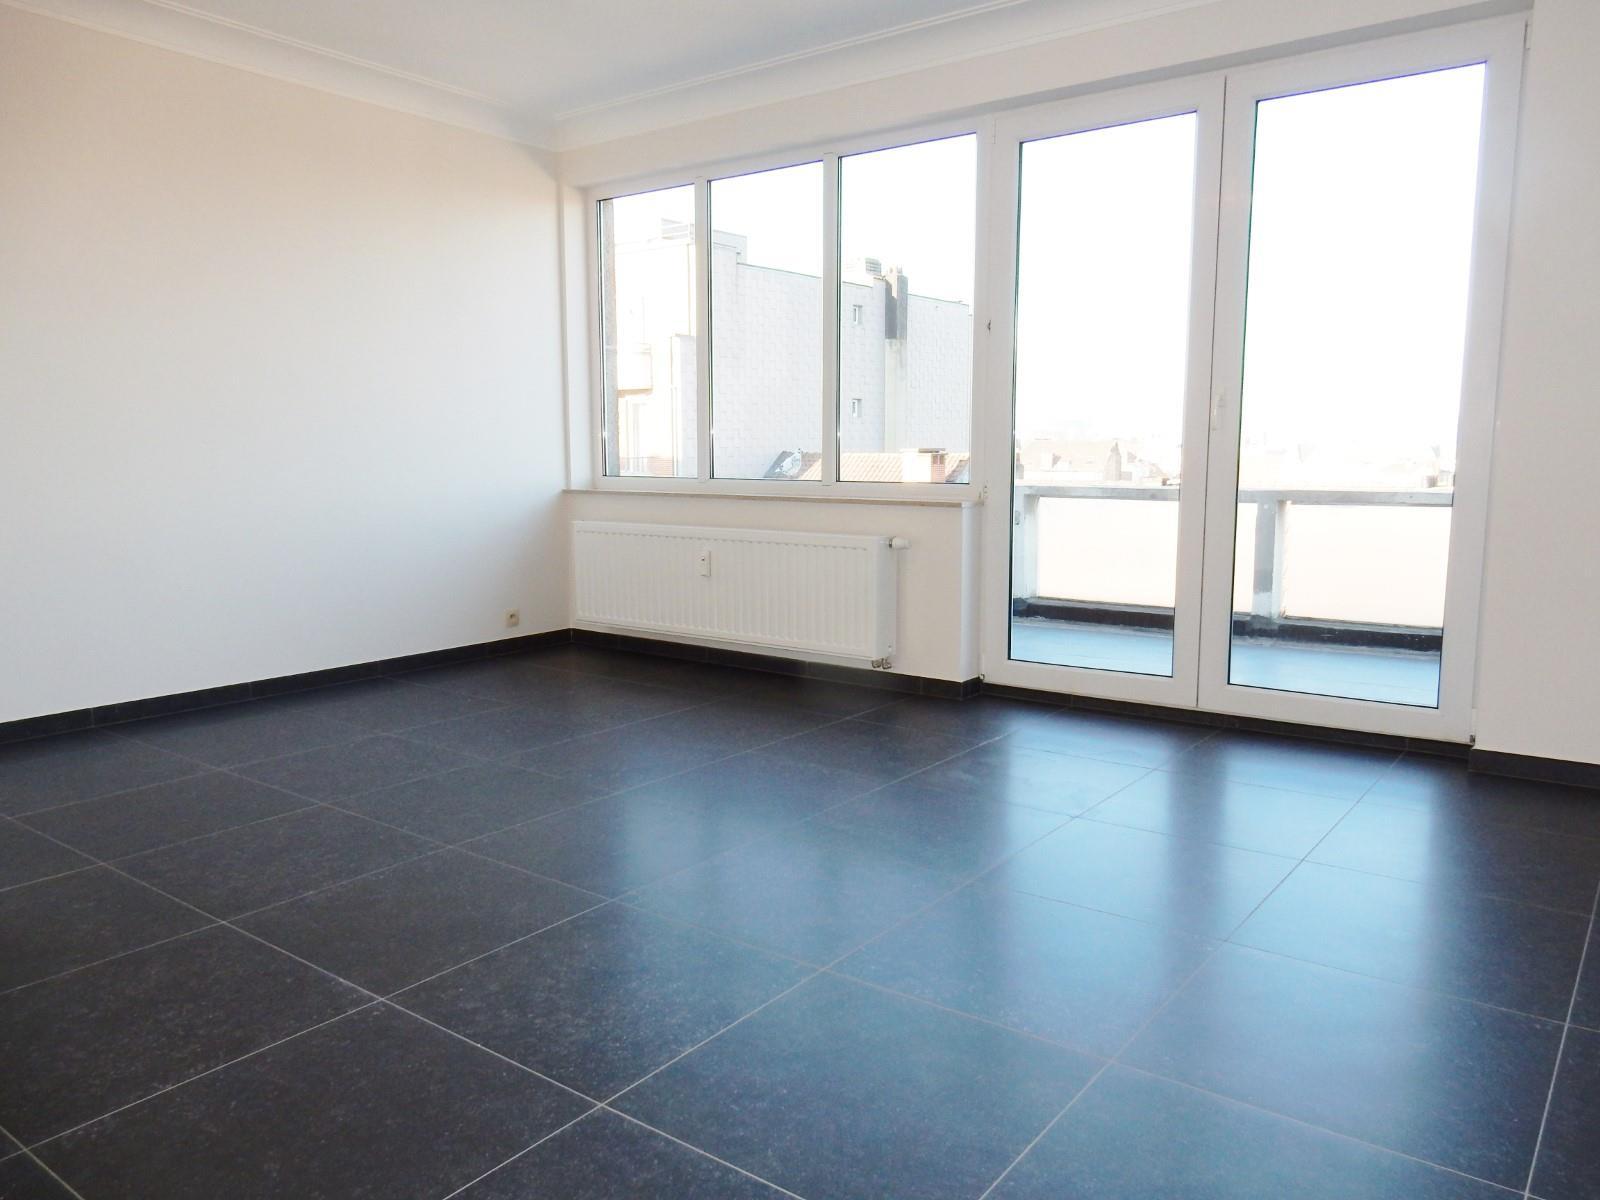 Flat - Schaerbeek - #4394057-1